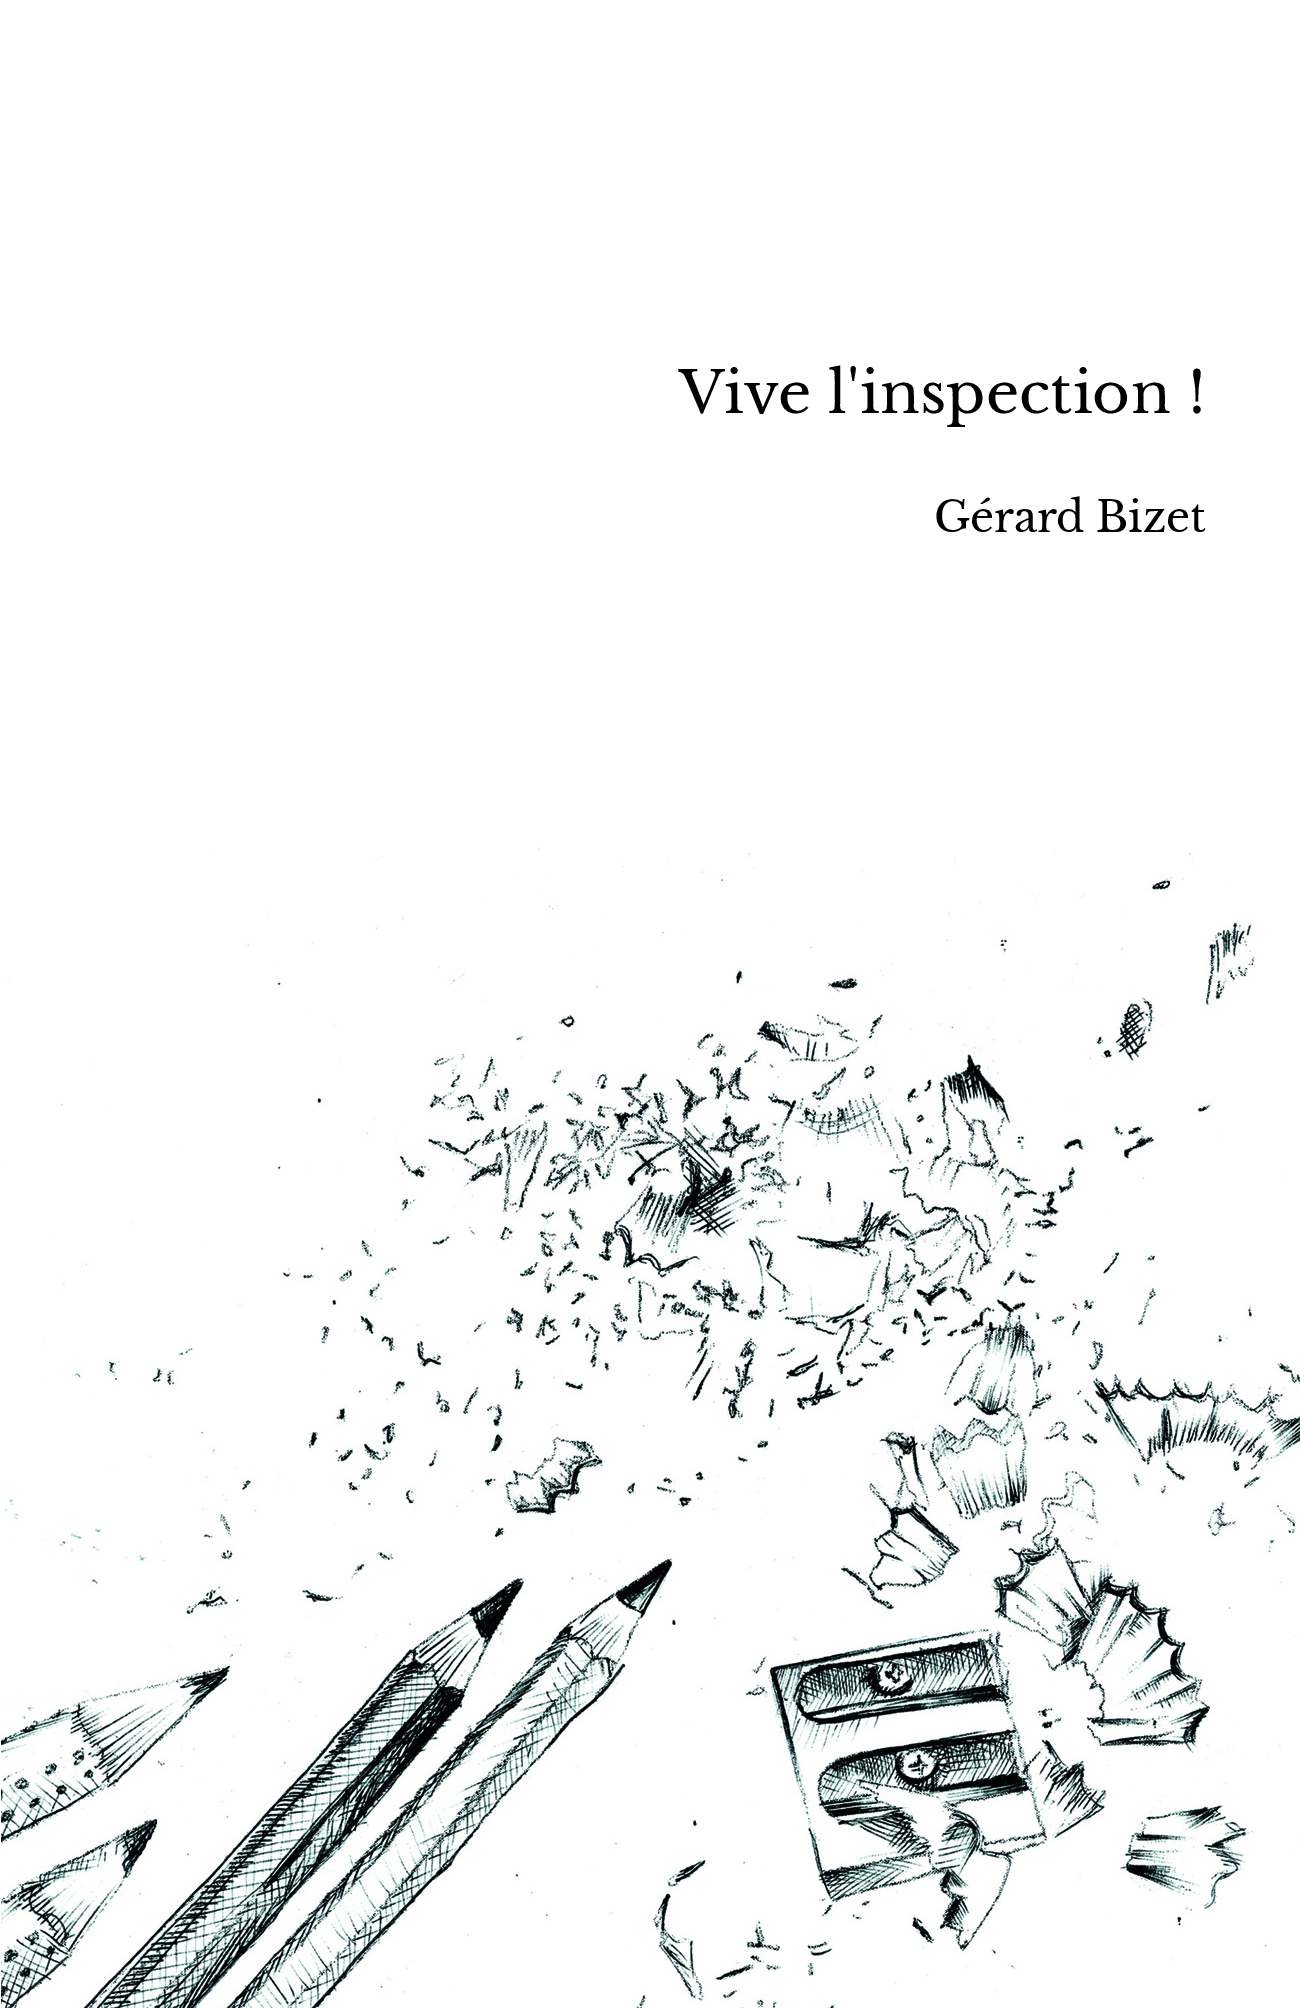 Vive l'inspection !